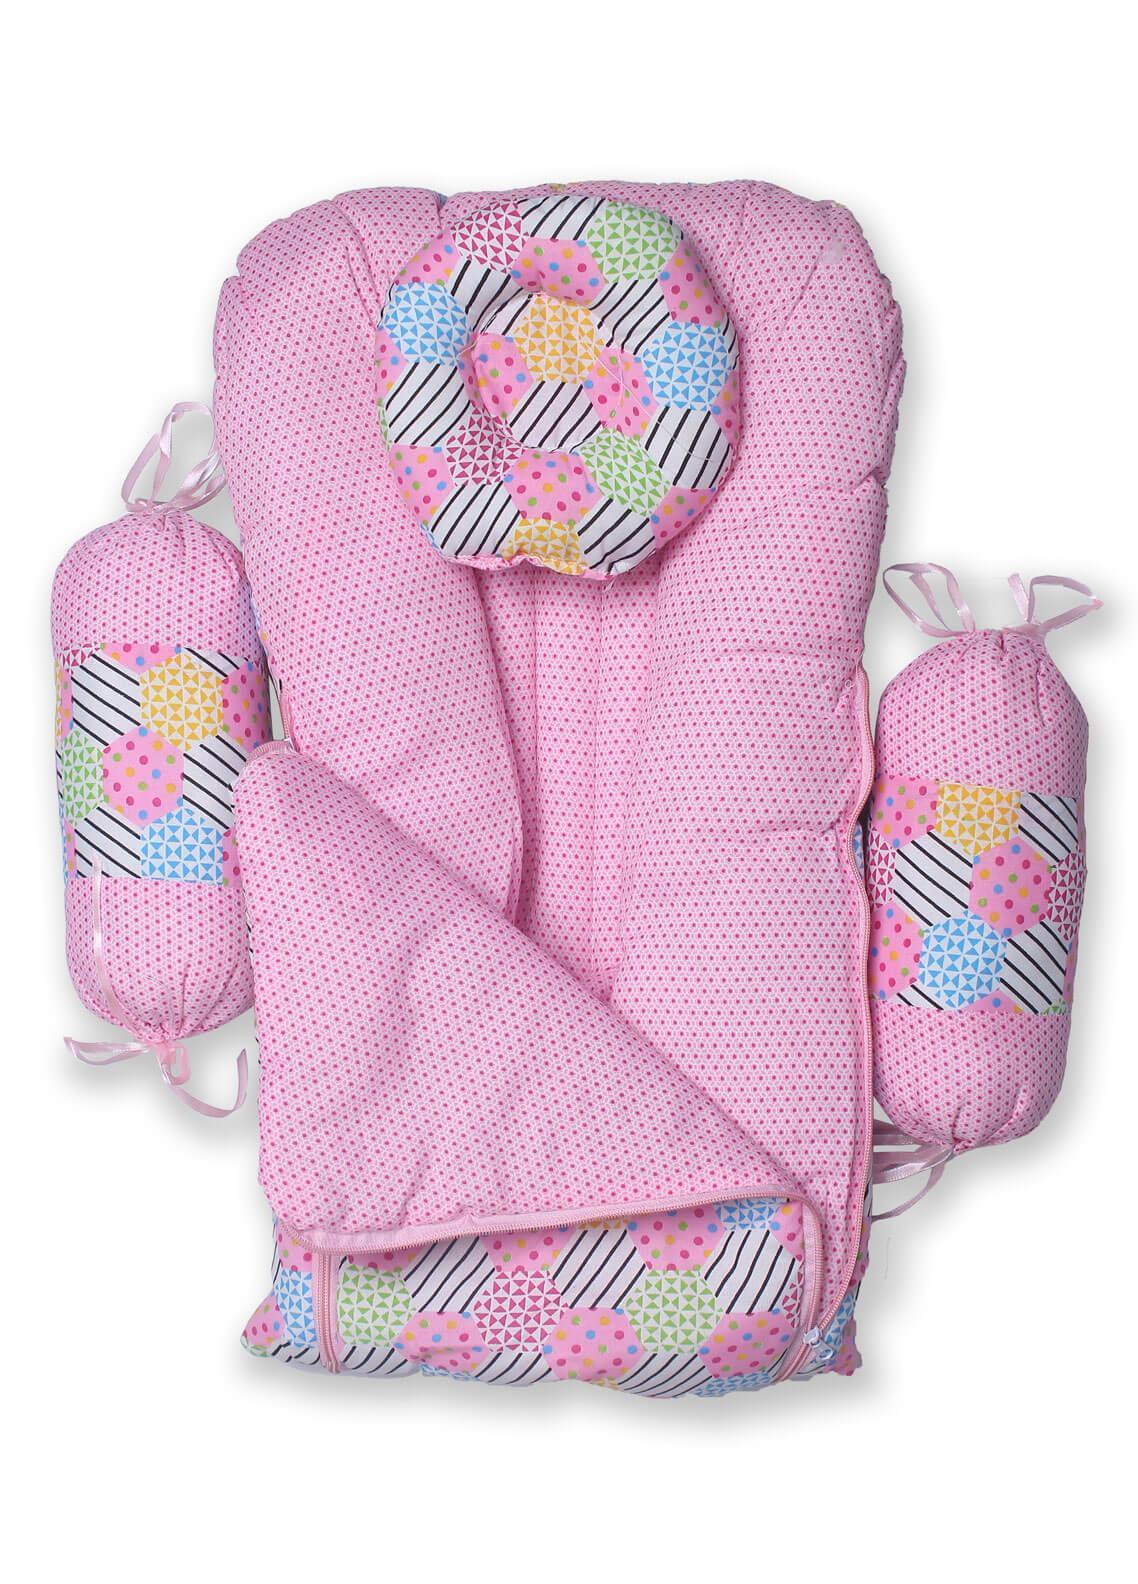 Plush Mink Poly Fiber Carrier Set 4 Pieces PEEKABOO CARRIER SET WITH BOLSTERS (4 Pieces Set) Pink - Baby Products